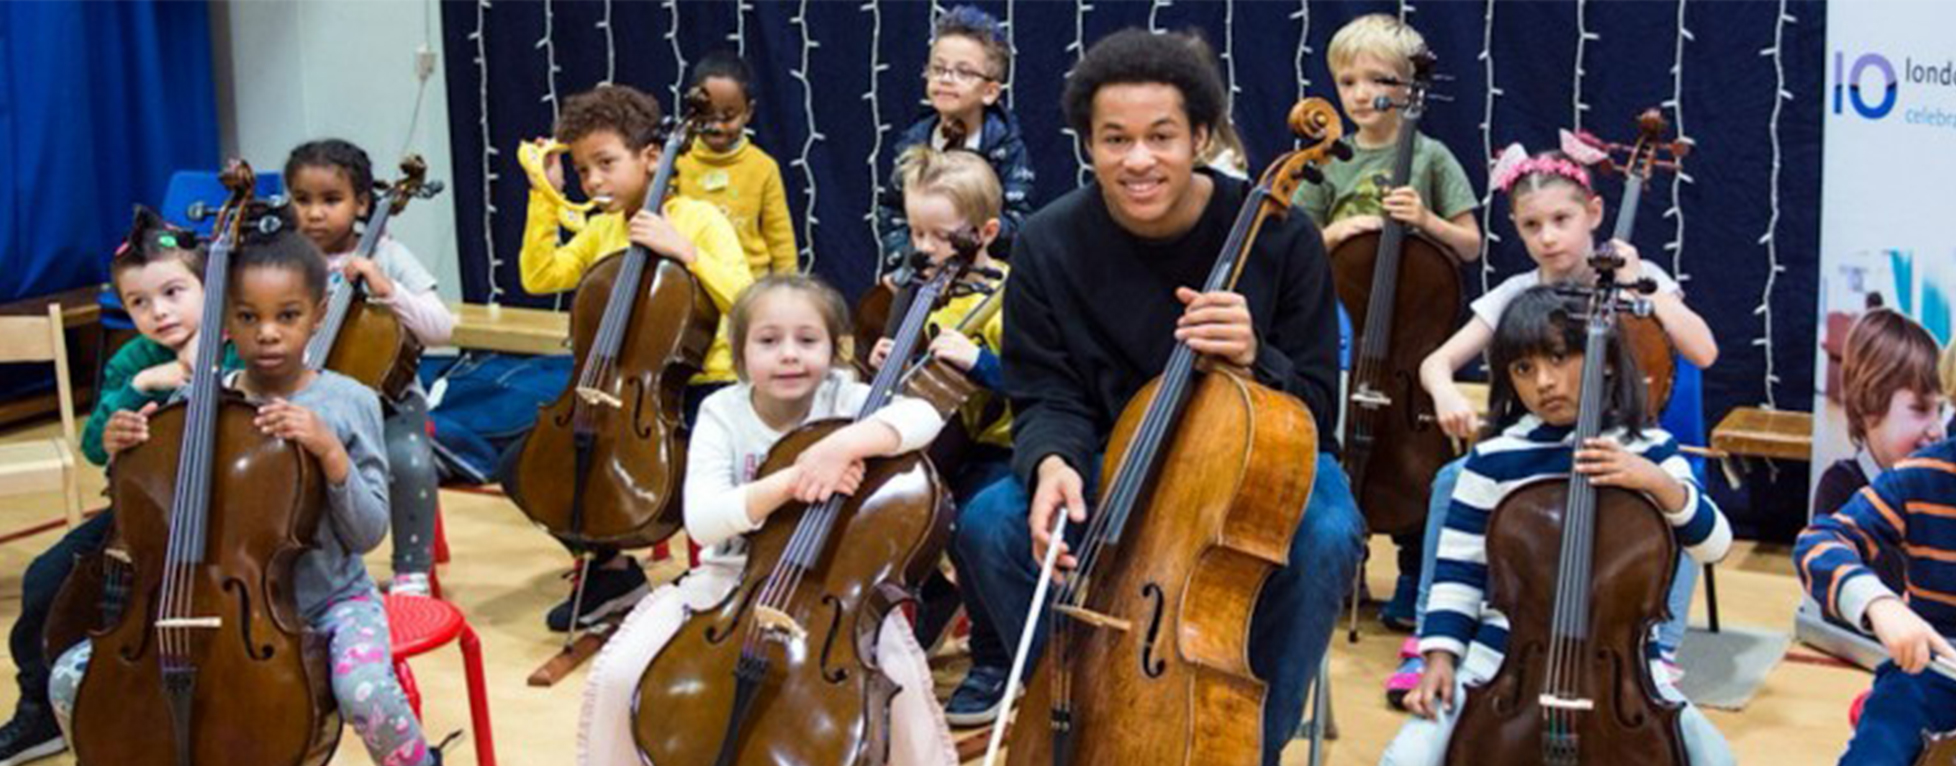 Sheku Kanneh-Mason, le violoncelliste qui a joué au mariage du Prince Harry, inspire les jeunes Britanniques